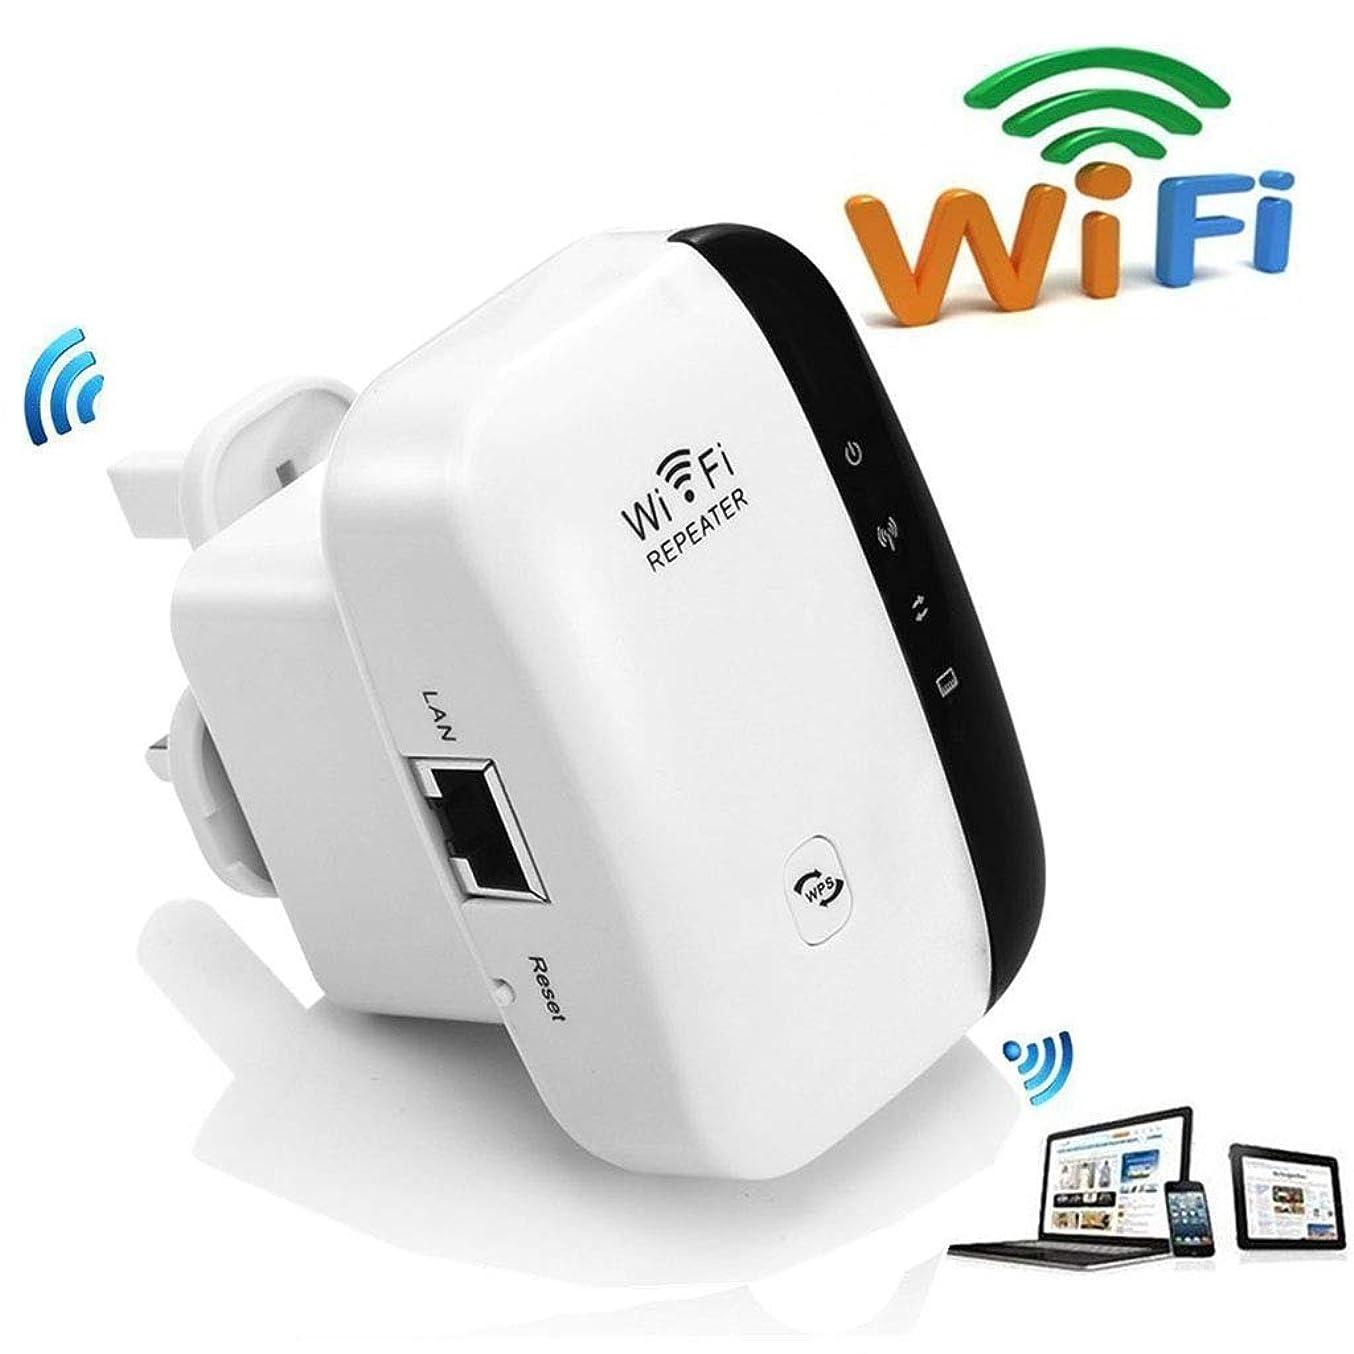 フロンティア盆助けになる2パック AP Wifiブースター信号増幅器,WIFI 無線LAN中継器/WIFI リピーター/アクセス ポイント/ワイヤレス ルータ/Wi-Fiレンジエクステンダ2.4GHz 300Mbpsに対応 コンセント直挿しモデル